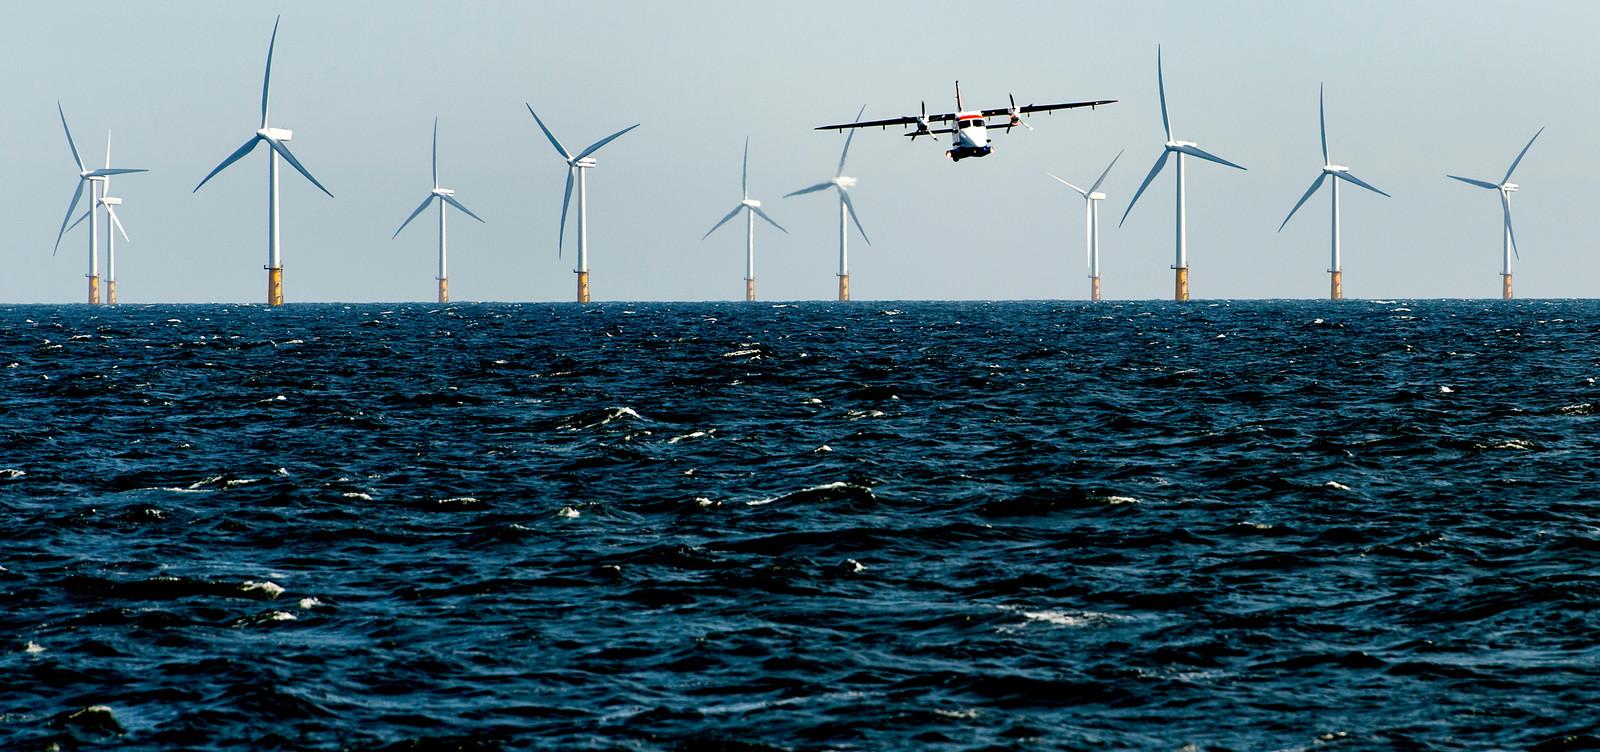 De kustwacht is bezig met het omleggen van een vaarroute. De vaarwegen op de Noordzee worden drastisch herschikt om meer orde te scheppen in het almaar drukker wordende scheepvaartverkeer.